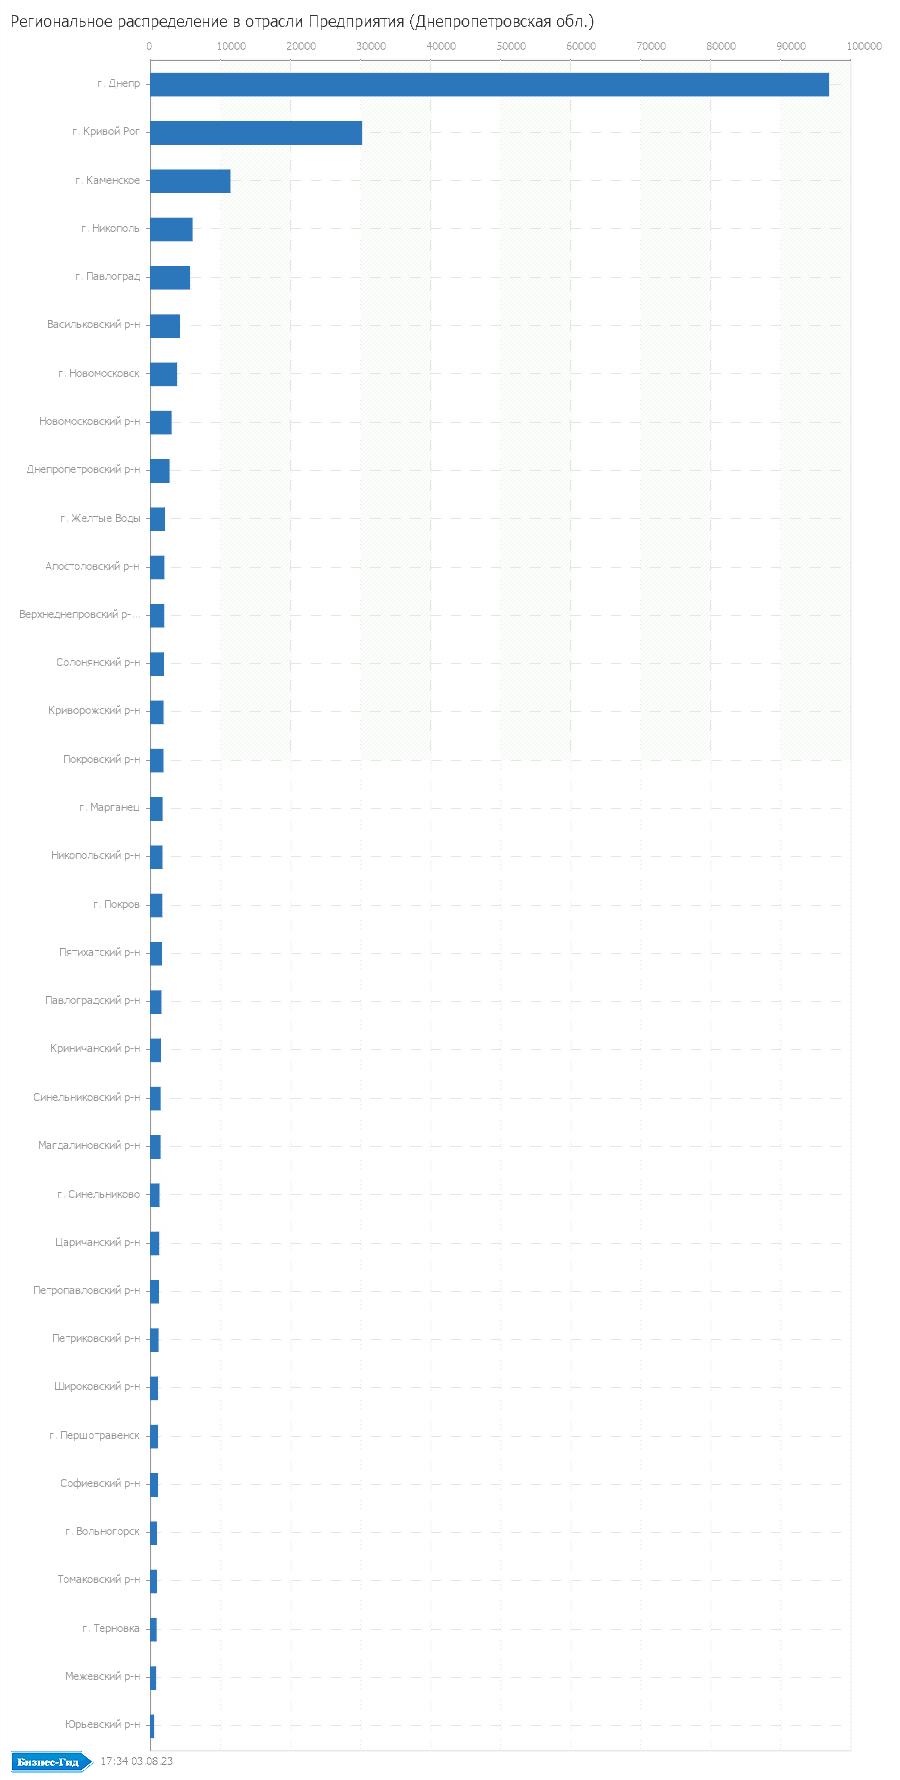 Региональное распределение в отрасли: Предприятия (Днепропетровская обл.)